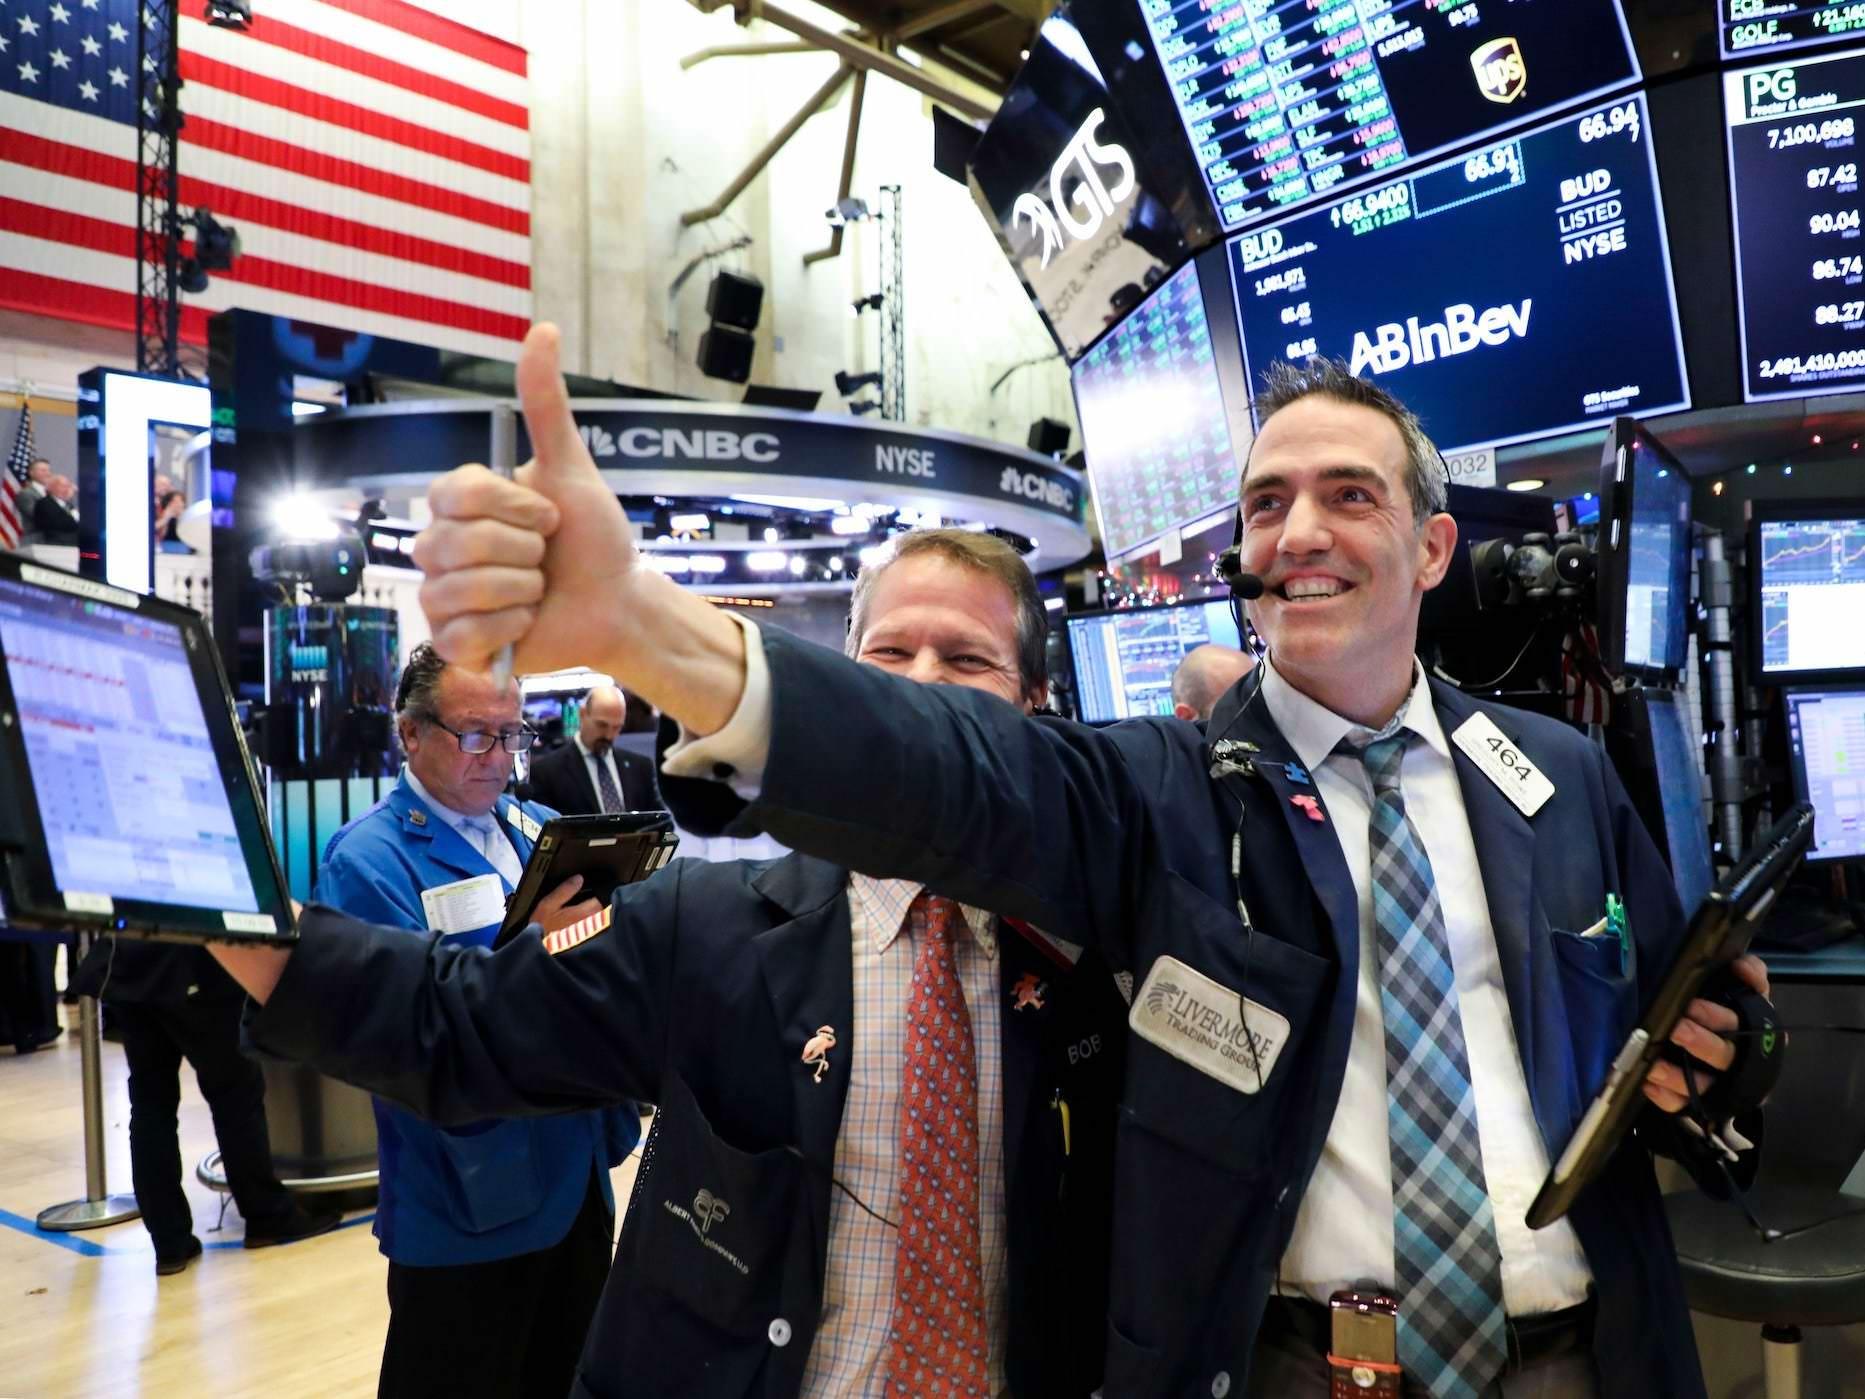 Compre ações e venda títulos, já que um novo mercado altista secular oferece retornos de dois dígitos, diz a Ned Davis Research